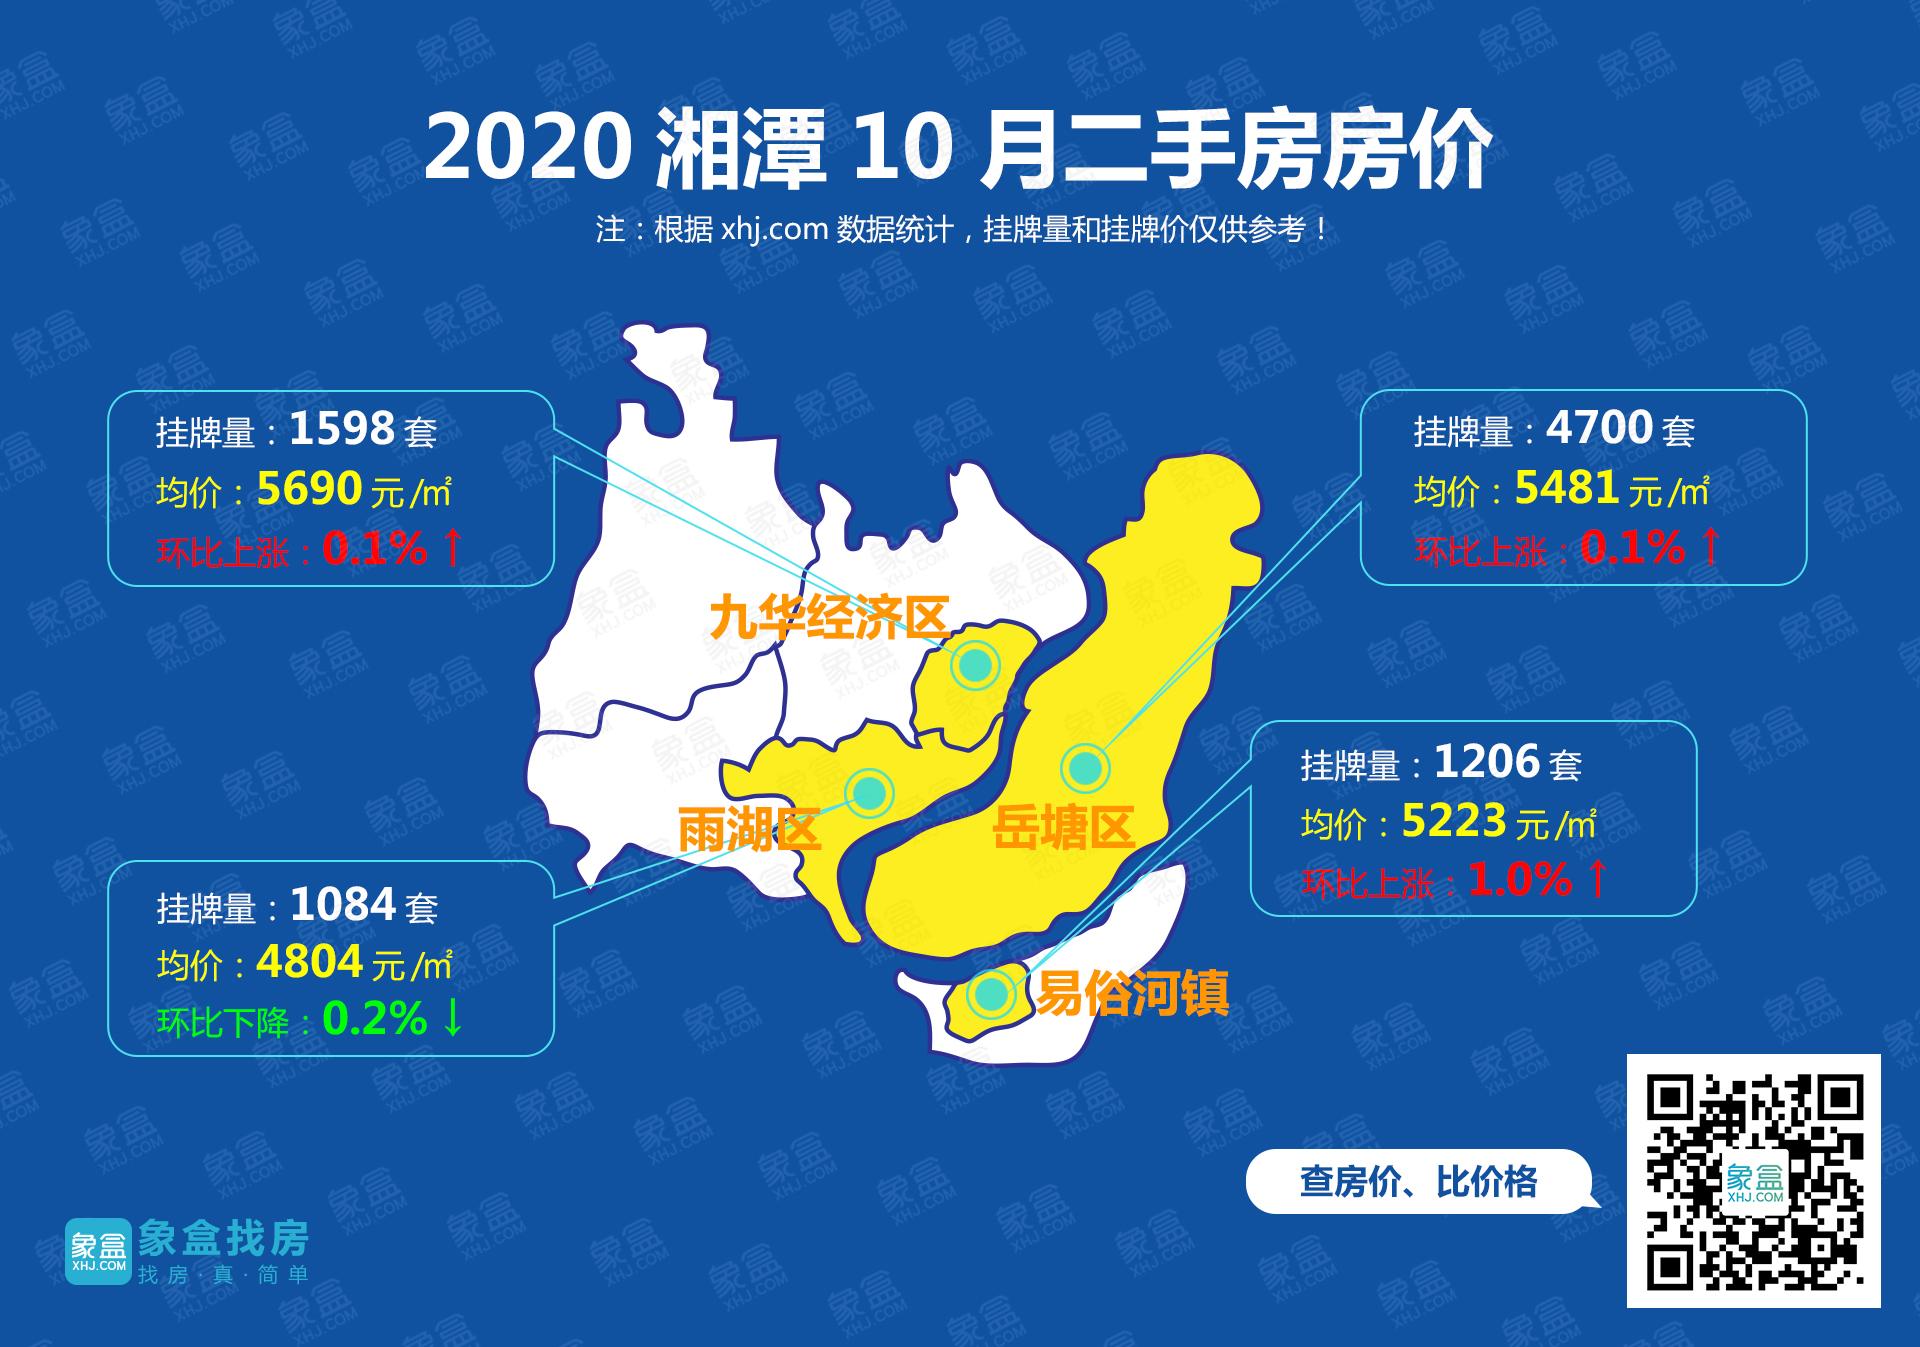 银十湘潭二手房势头有所上拉,四区除雨湖外皆呈增长状态